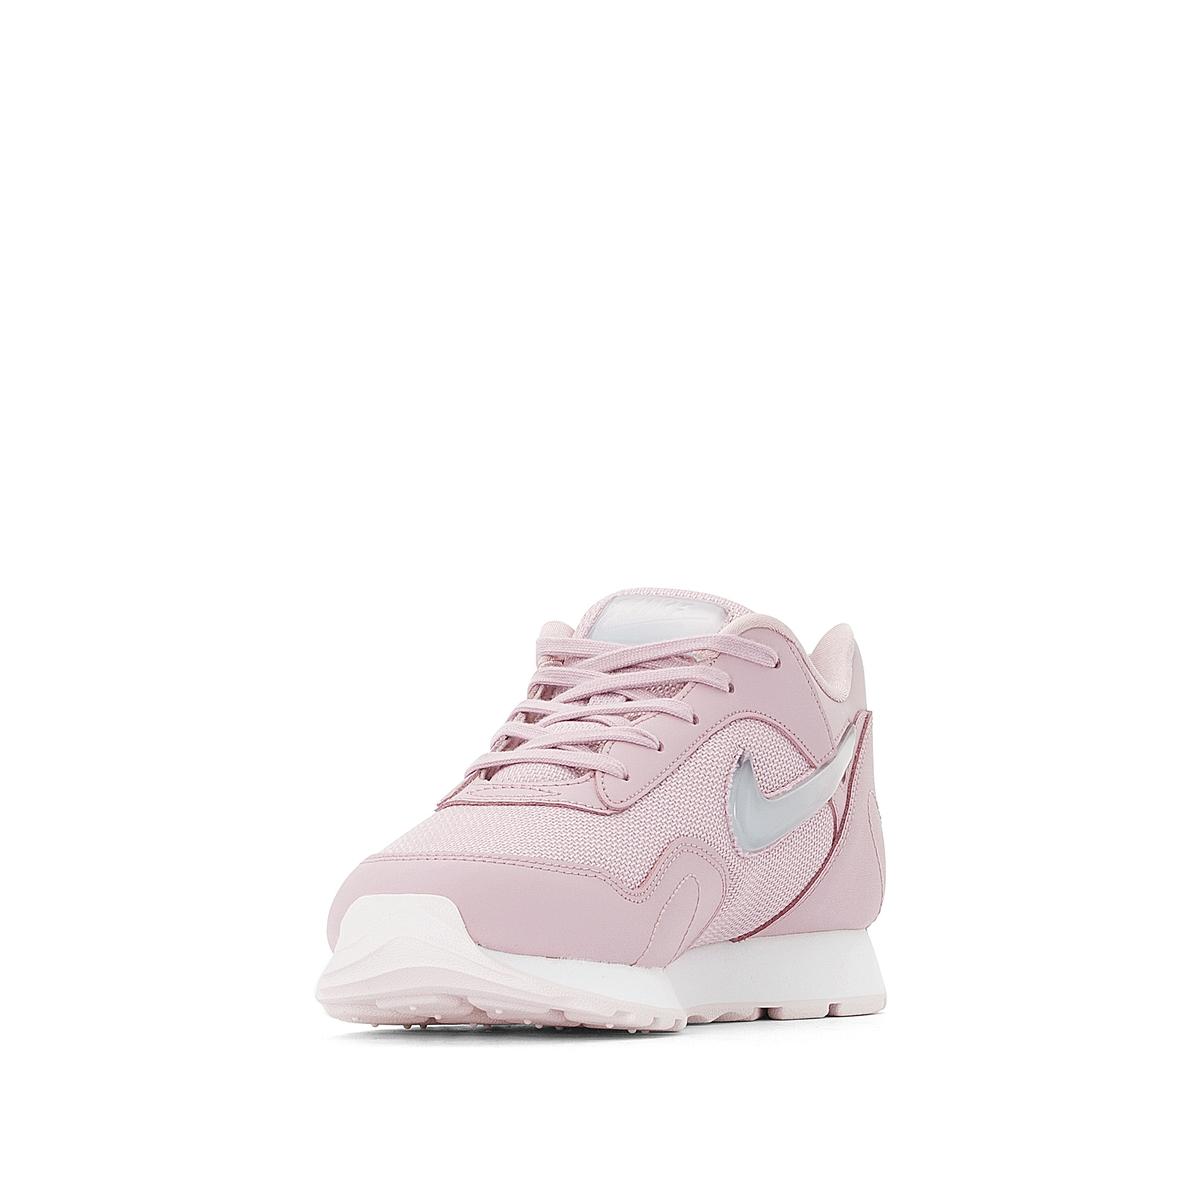 Imagen secundaria de producto de Zapatillas Outburst Prm - Nike